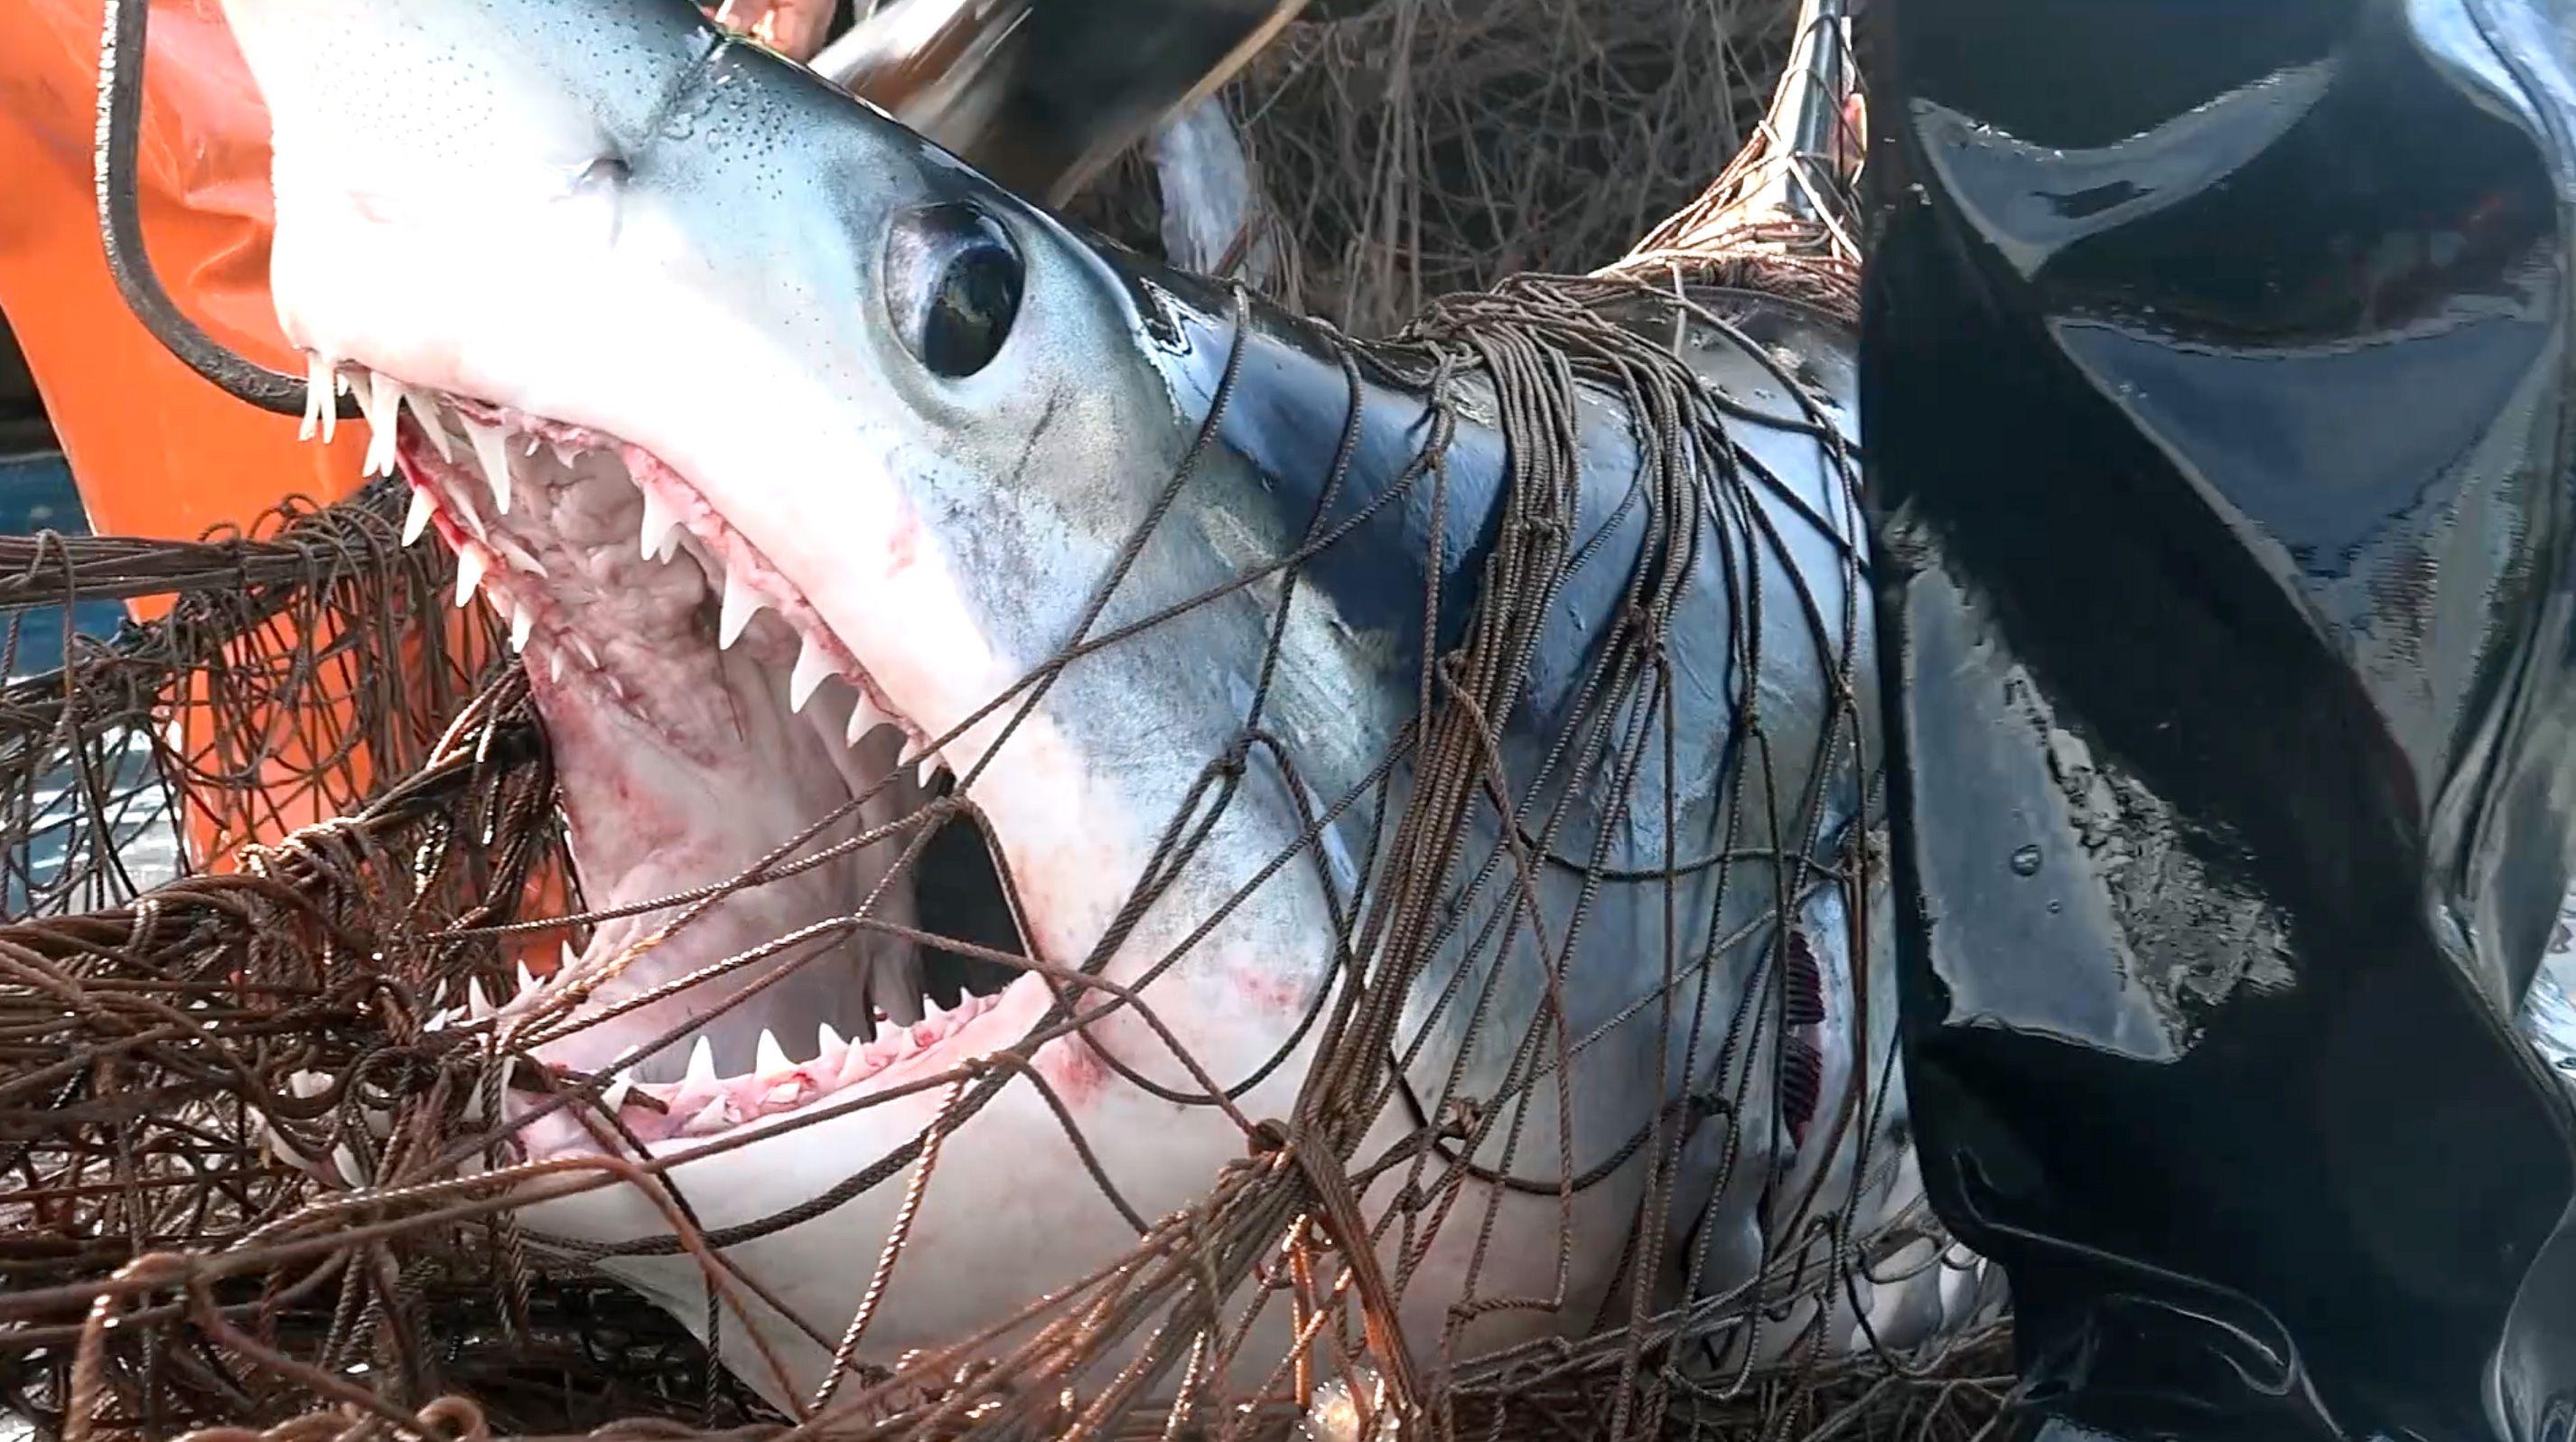 Shark killed in driftnet